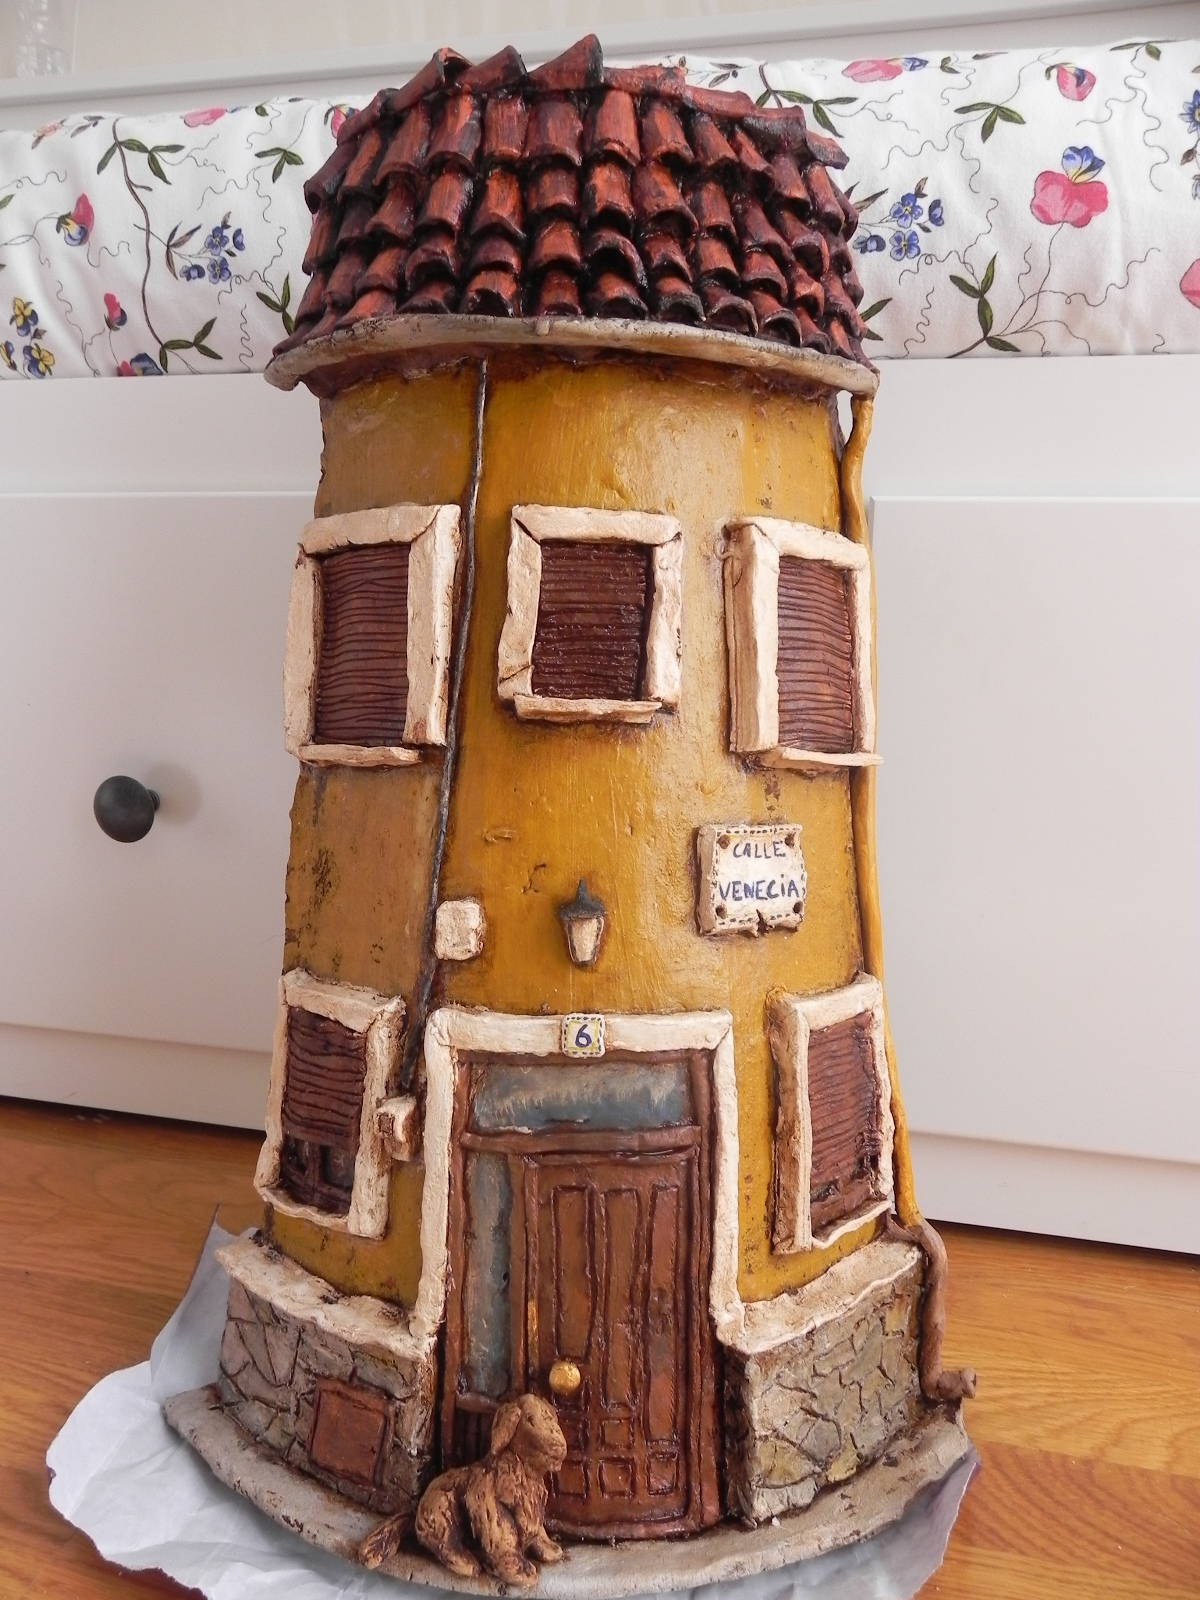 Kekotes tejas decoradas artesanales - Como decorar tejas rusticas ...